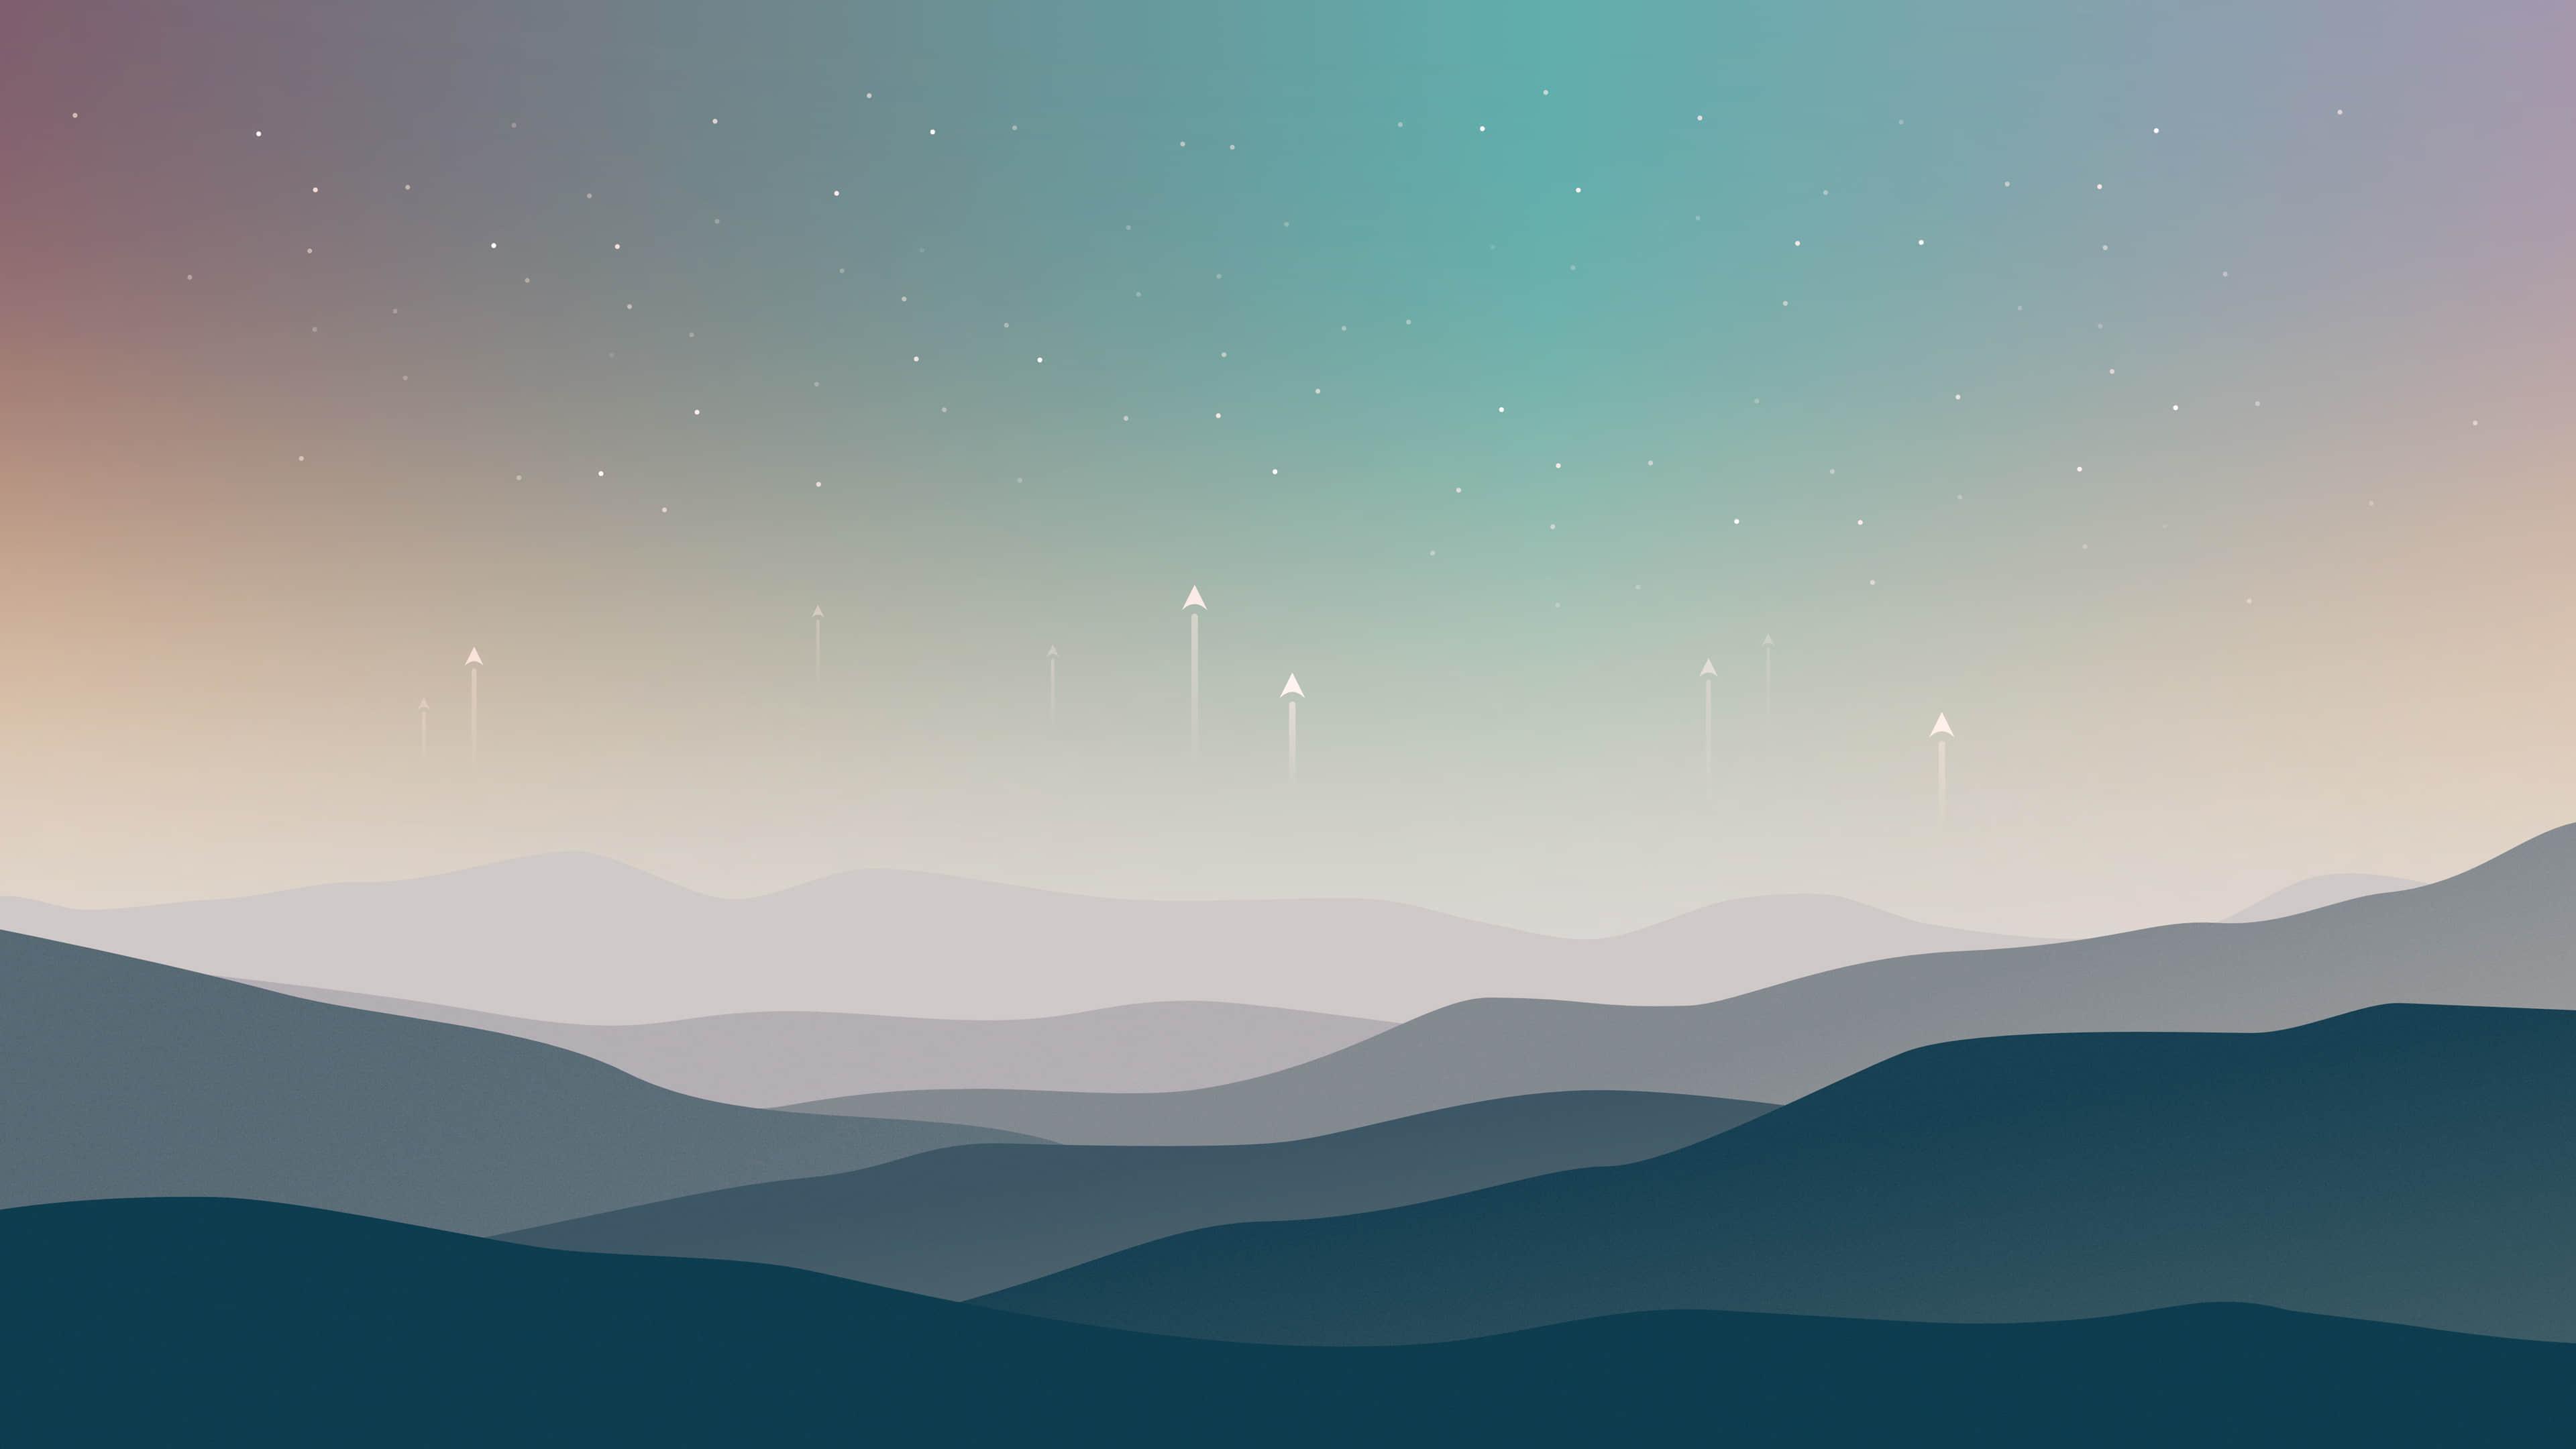 高山星空唯美背景4k简约壁纸